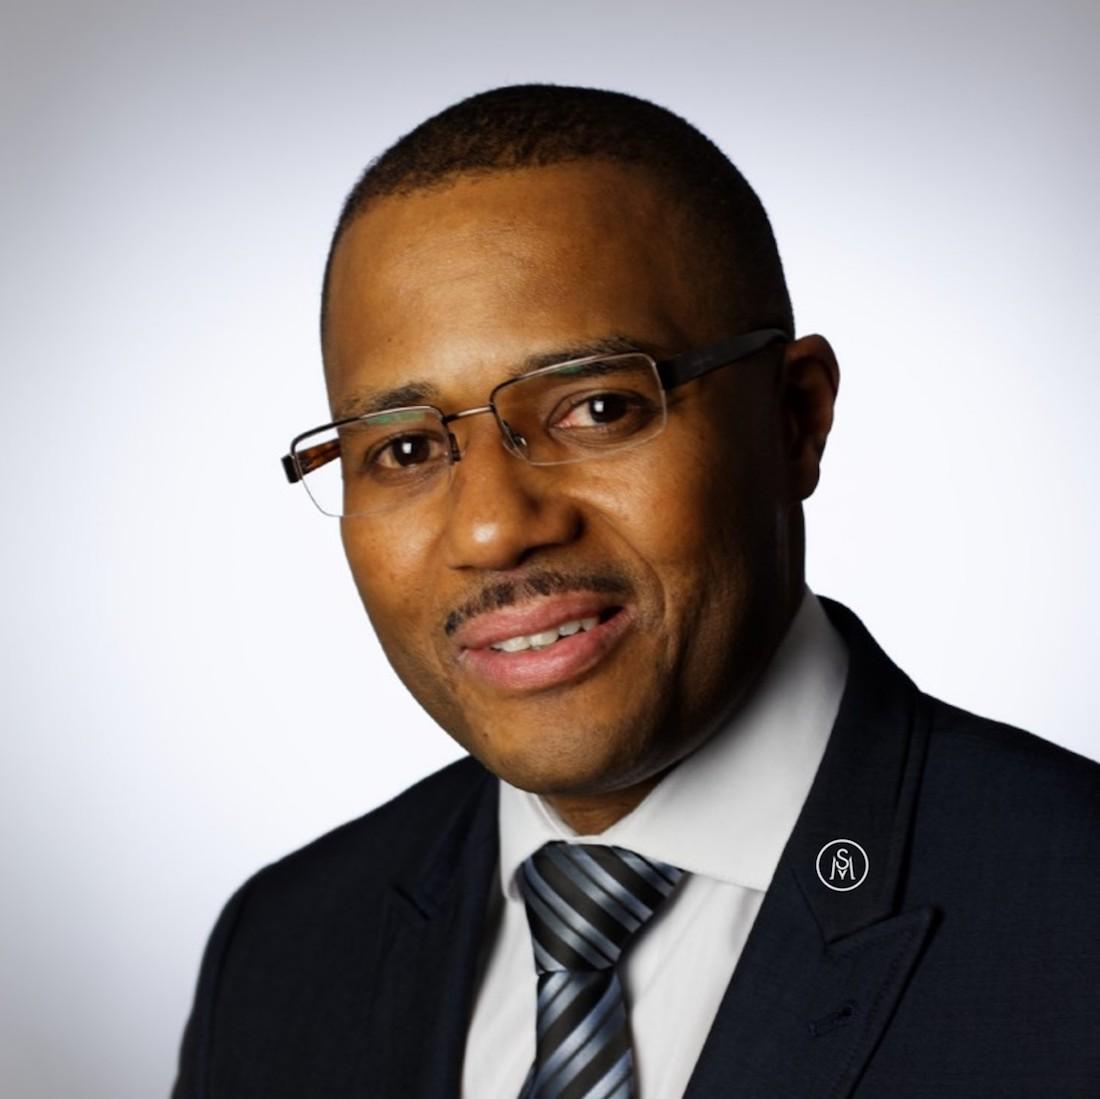 Jean-Luc Stanislas, fondateur de la plateforme ManagerSante.com, consultant en management, membre expert à la HAS (Haute Autorité de Santé).